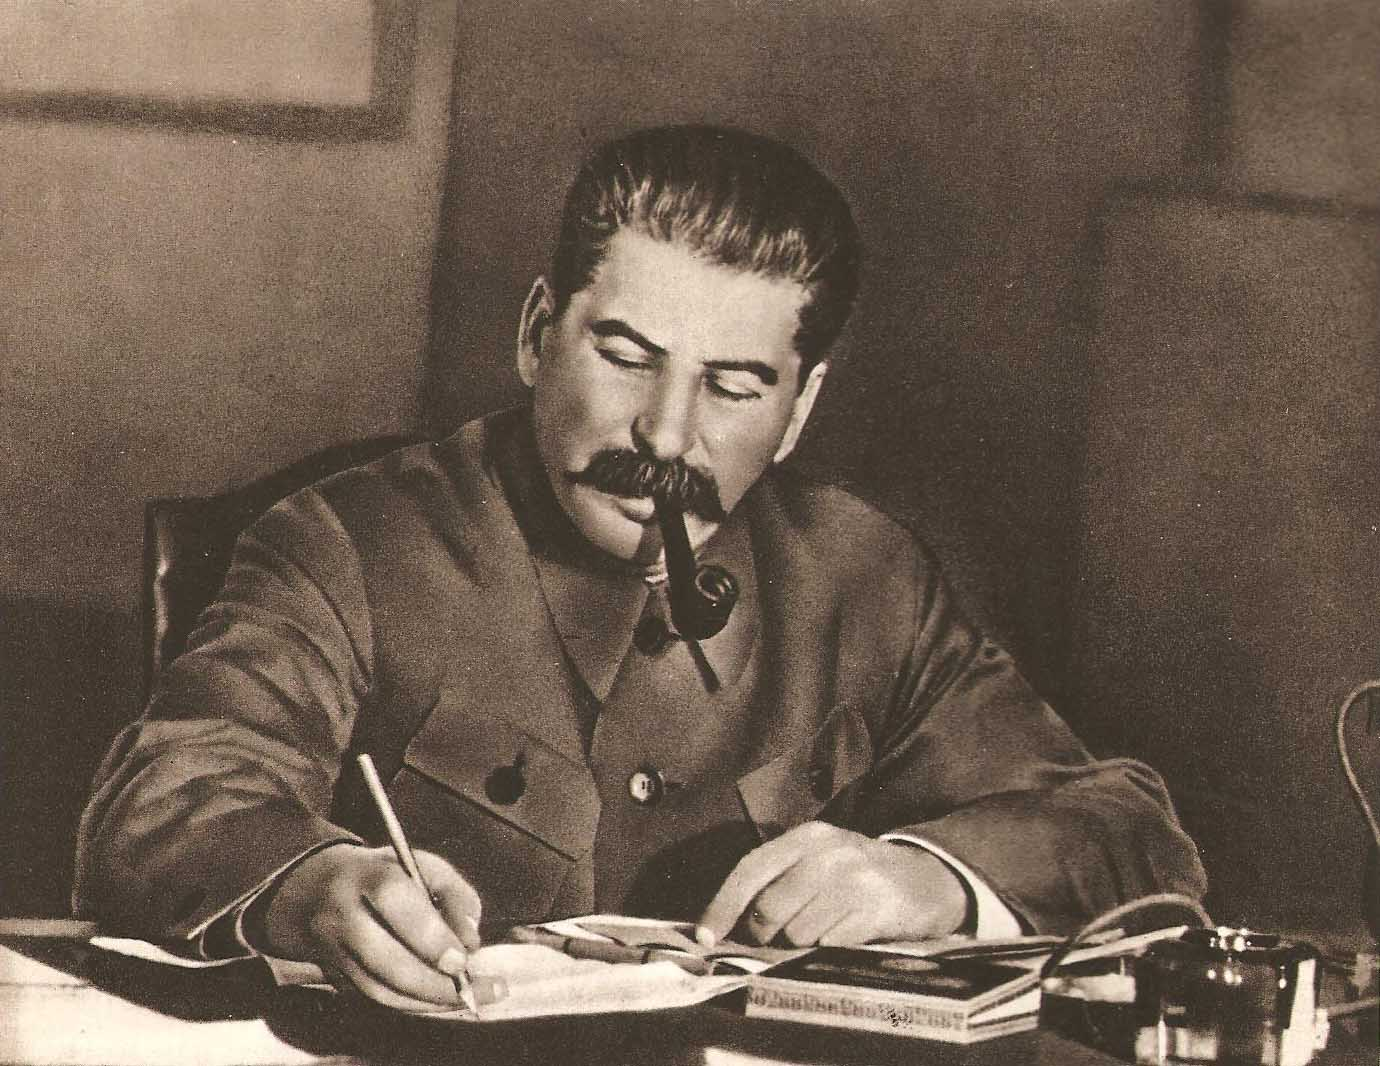 صورة للدكتاتور السوفيتي جوزيف ستالين